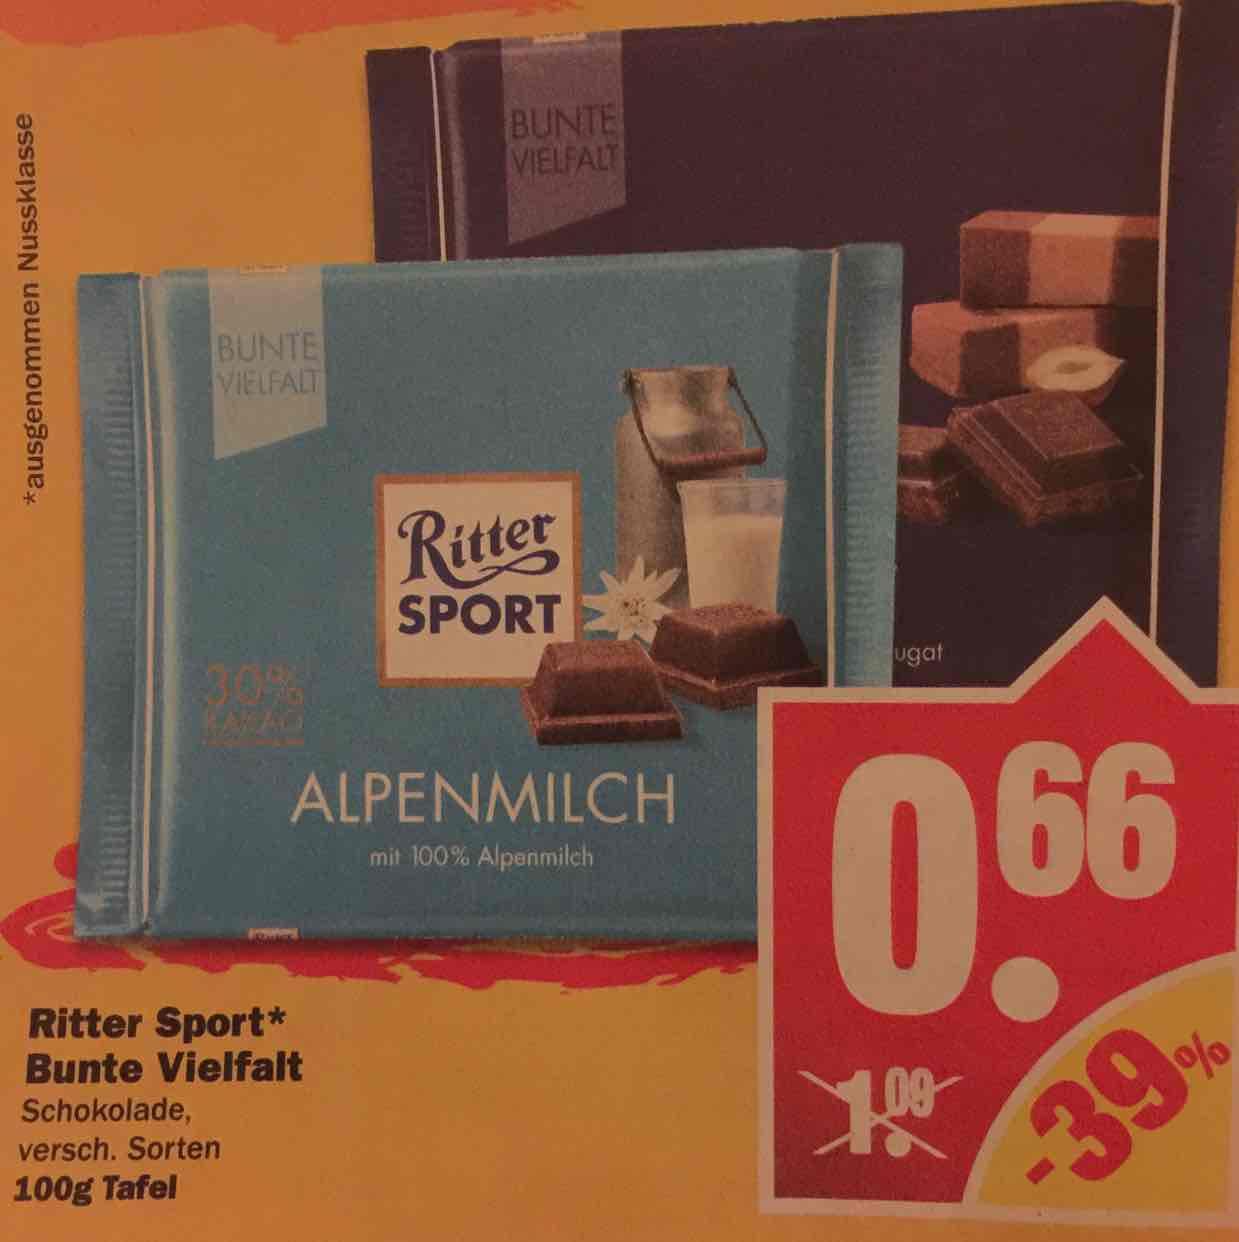 Ritter Sport Bunte Vielfalt für 0,66€ bei NP / 0,79€ bei Lidl